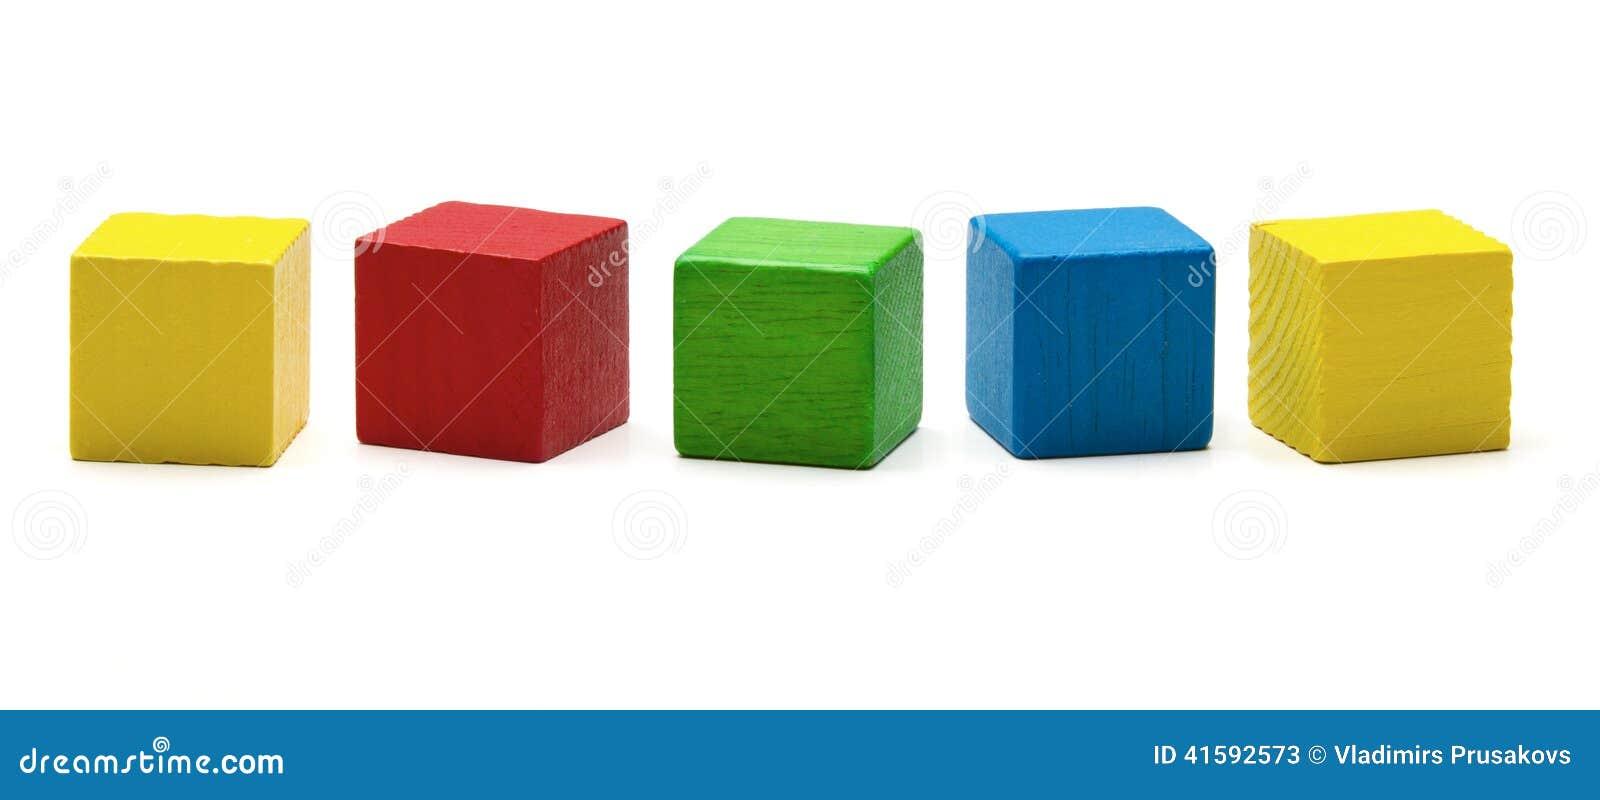 Stuk speelgoed blokken, veelkleurige houten spelkubus, lege dozen